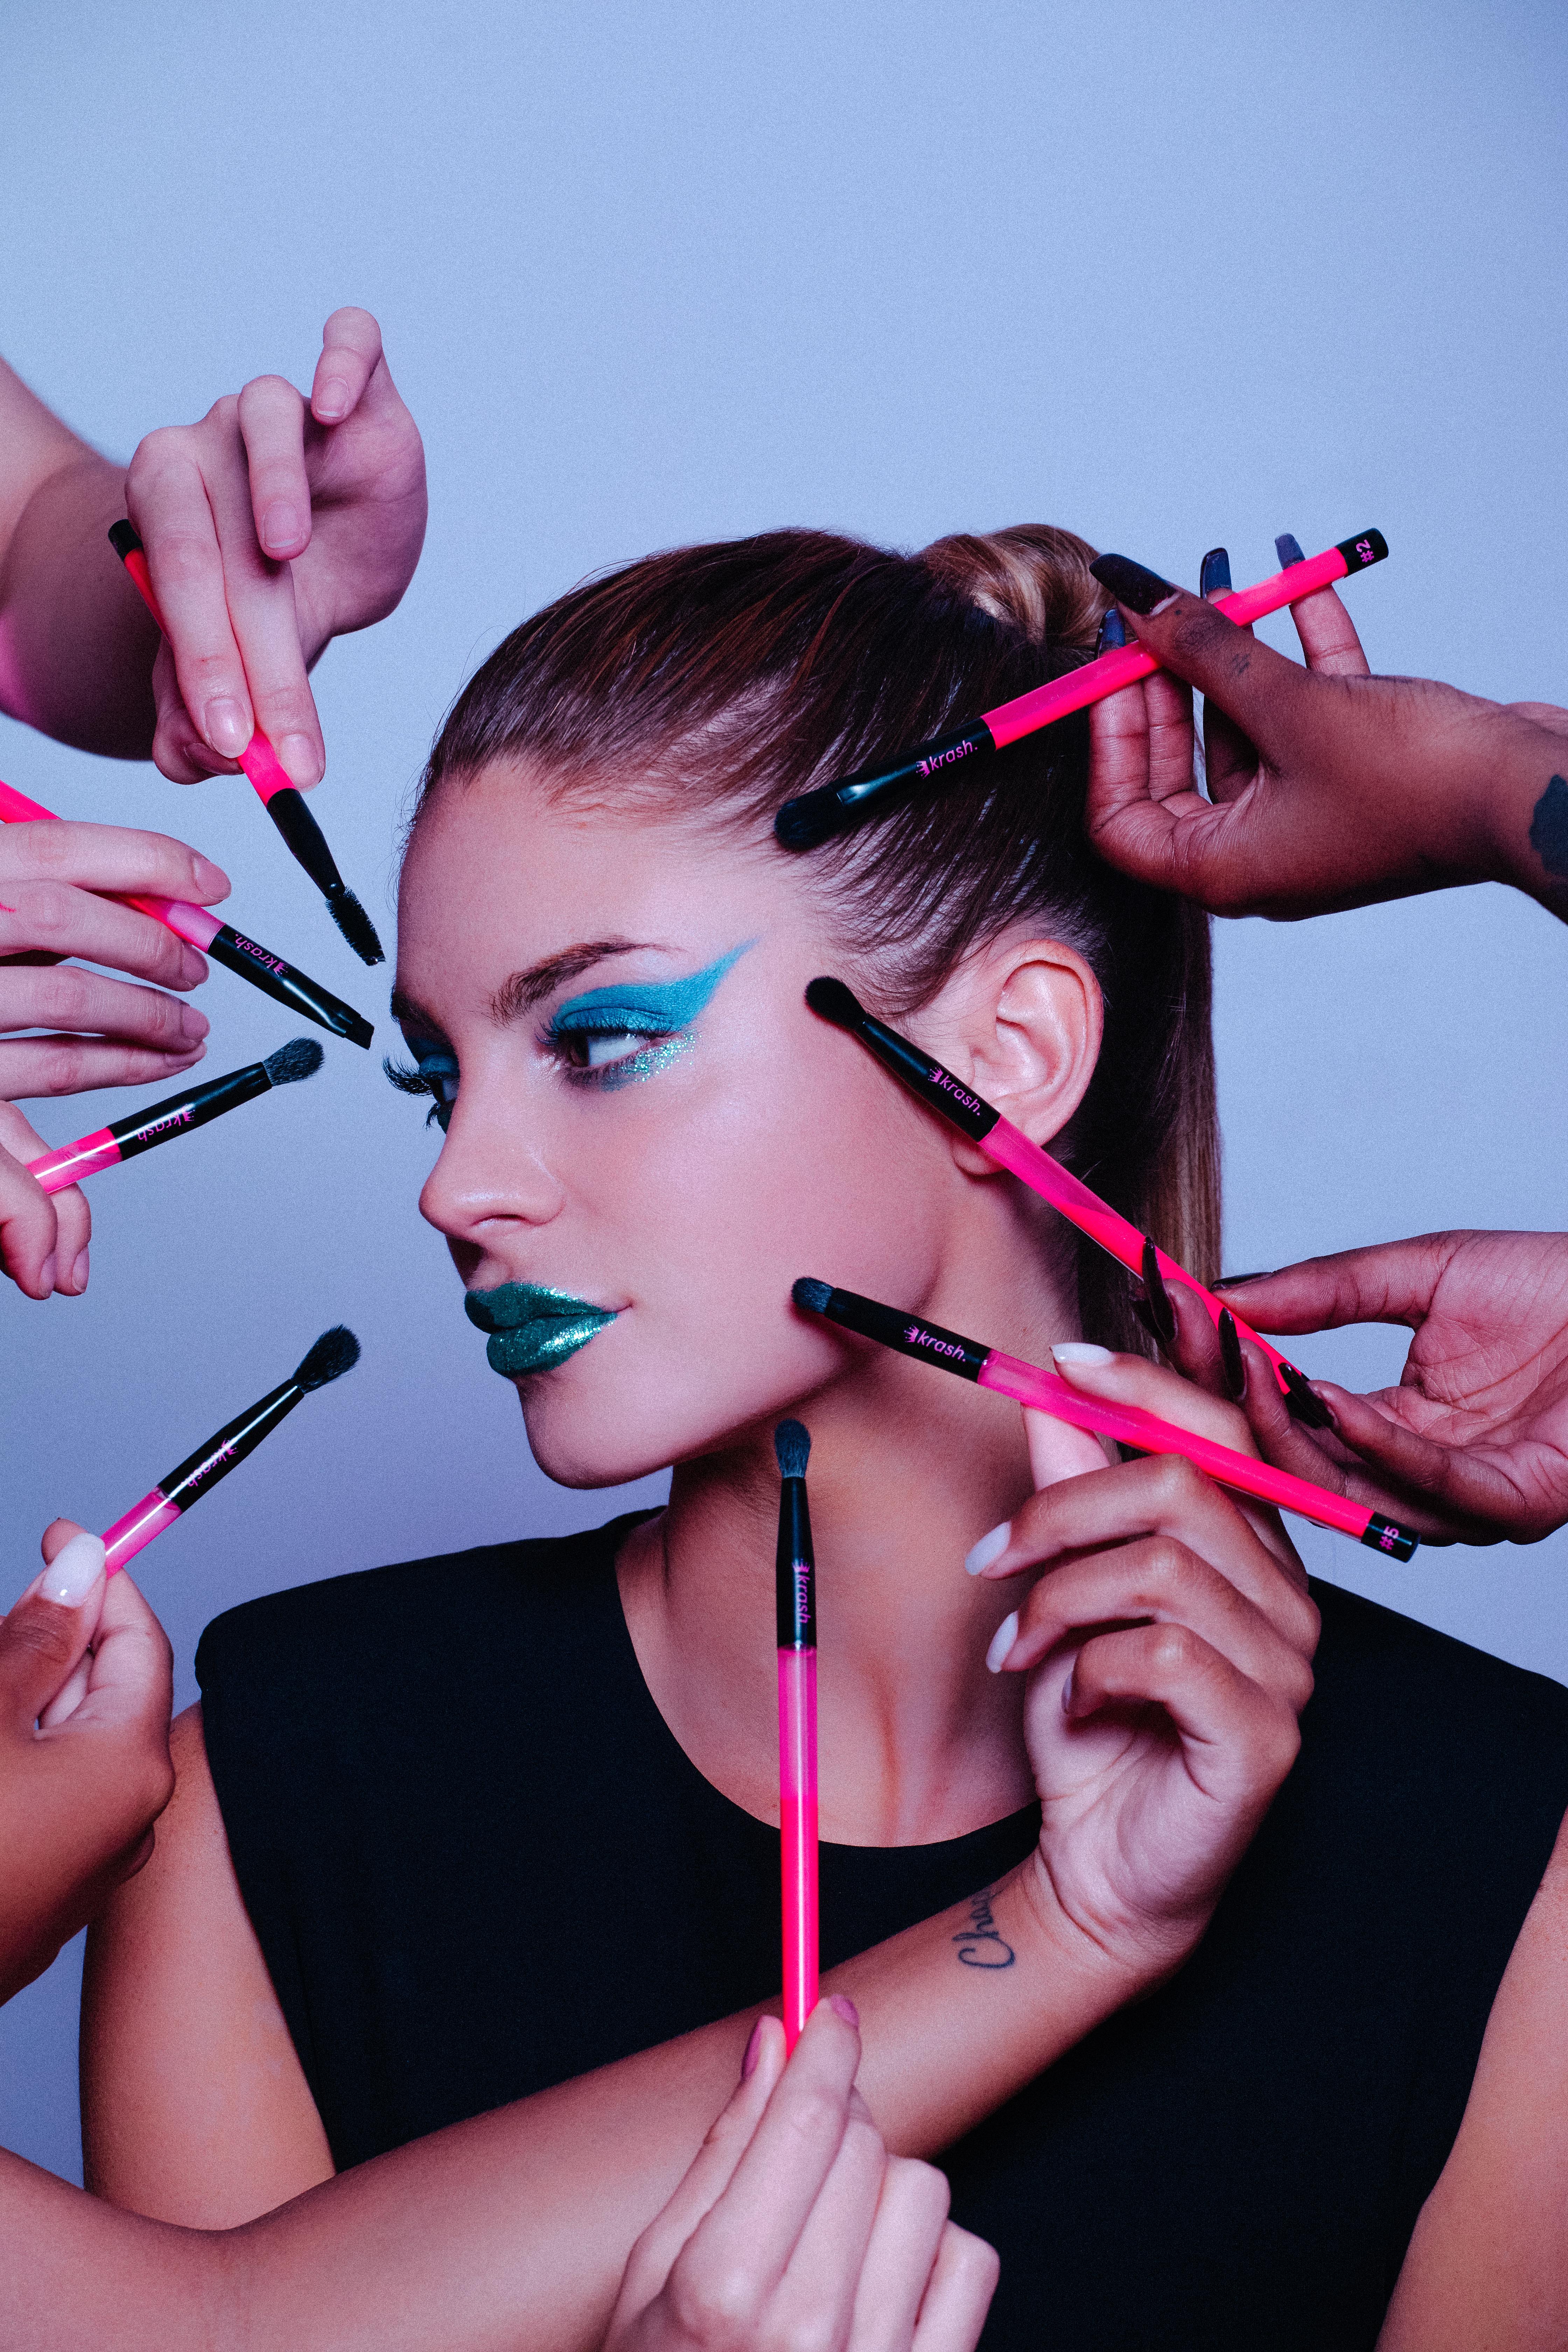 brochas full - Como conseguir una mirada impactante sin necesidad de recurrir al maquillaje